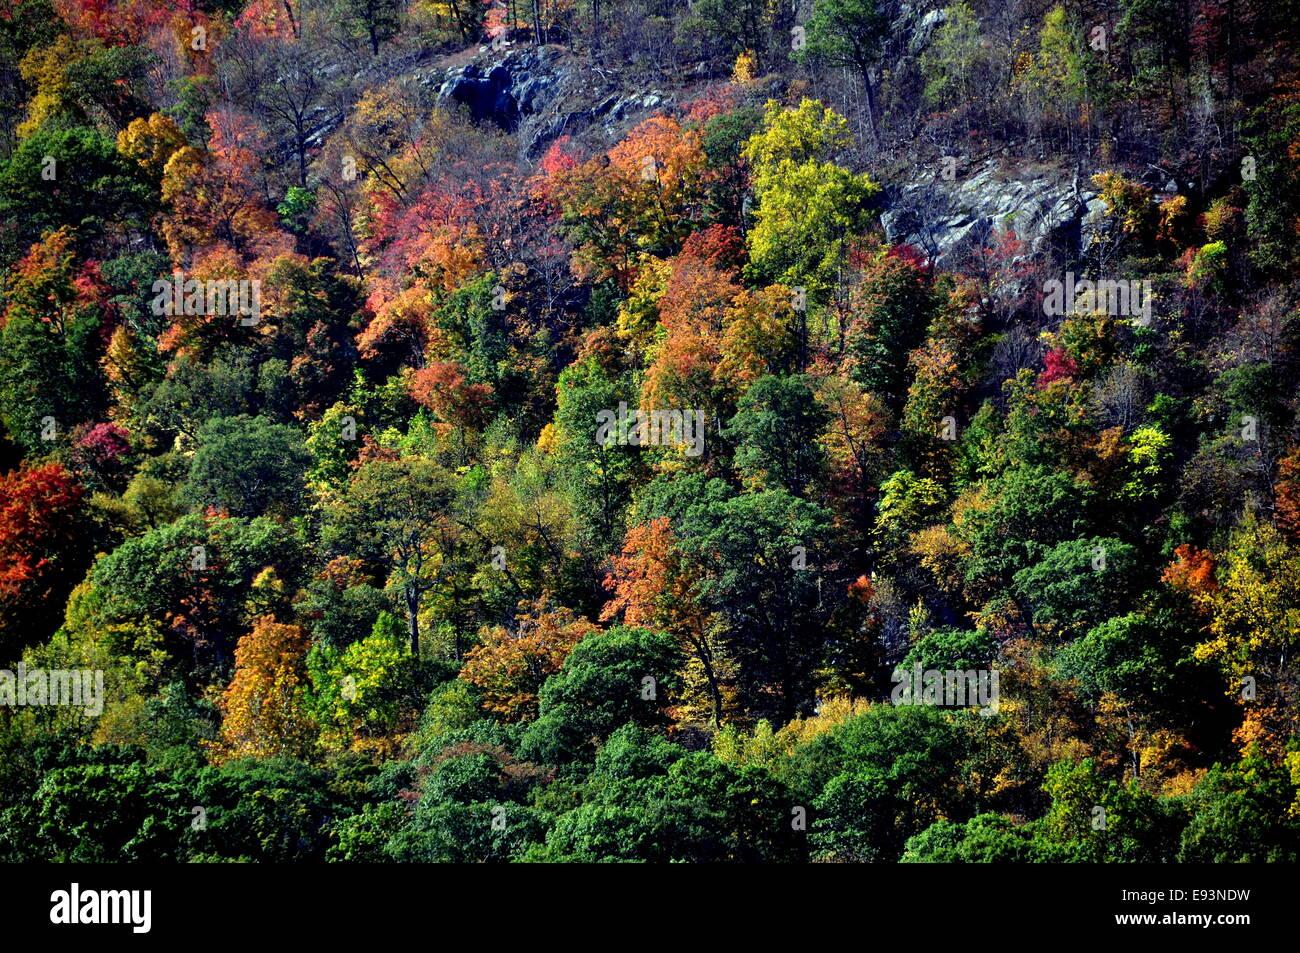 Printemps froid, NY: Masses de feuillage d'automne éblouissant les banques en ligne de la rivière Photo Stock